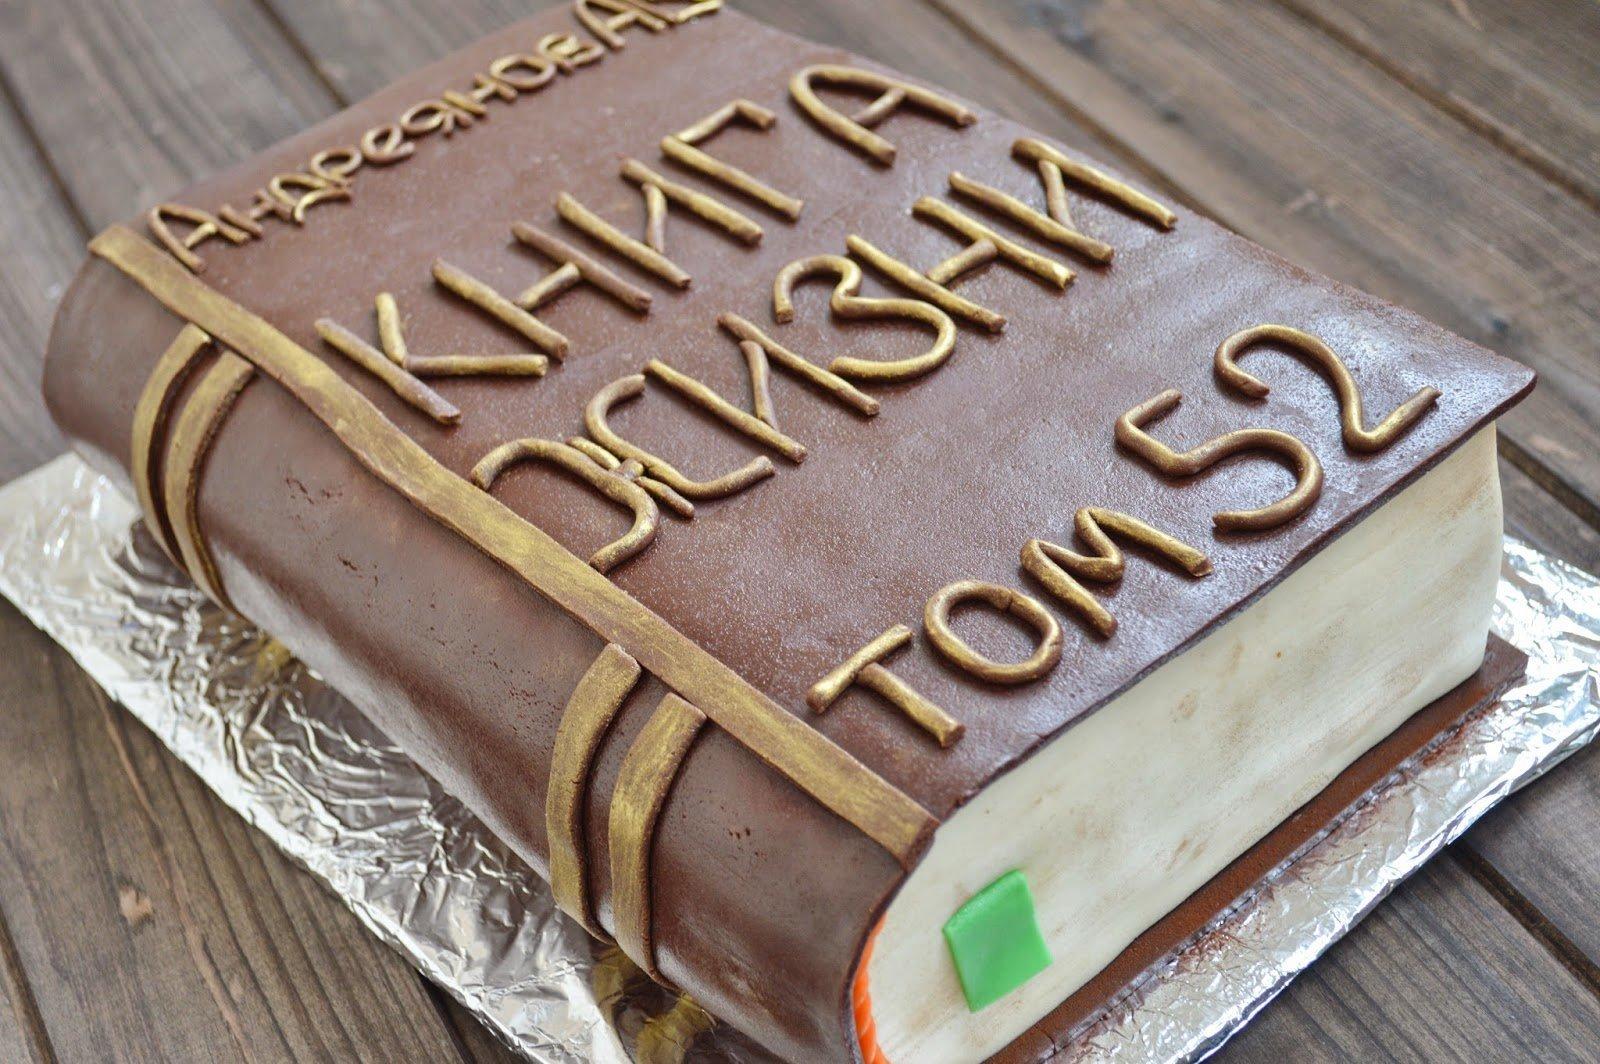 торты на день рождения юбилей мужчине фото единственный